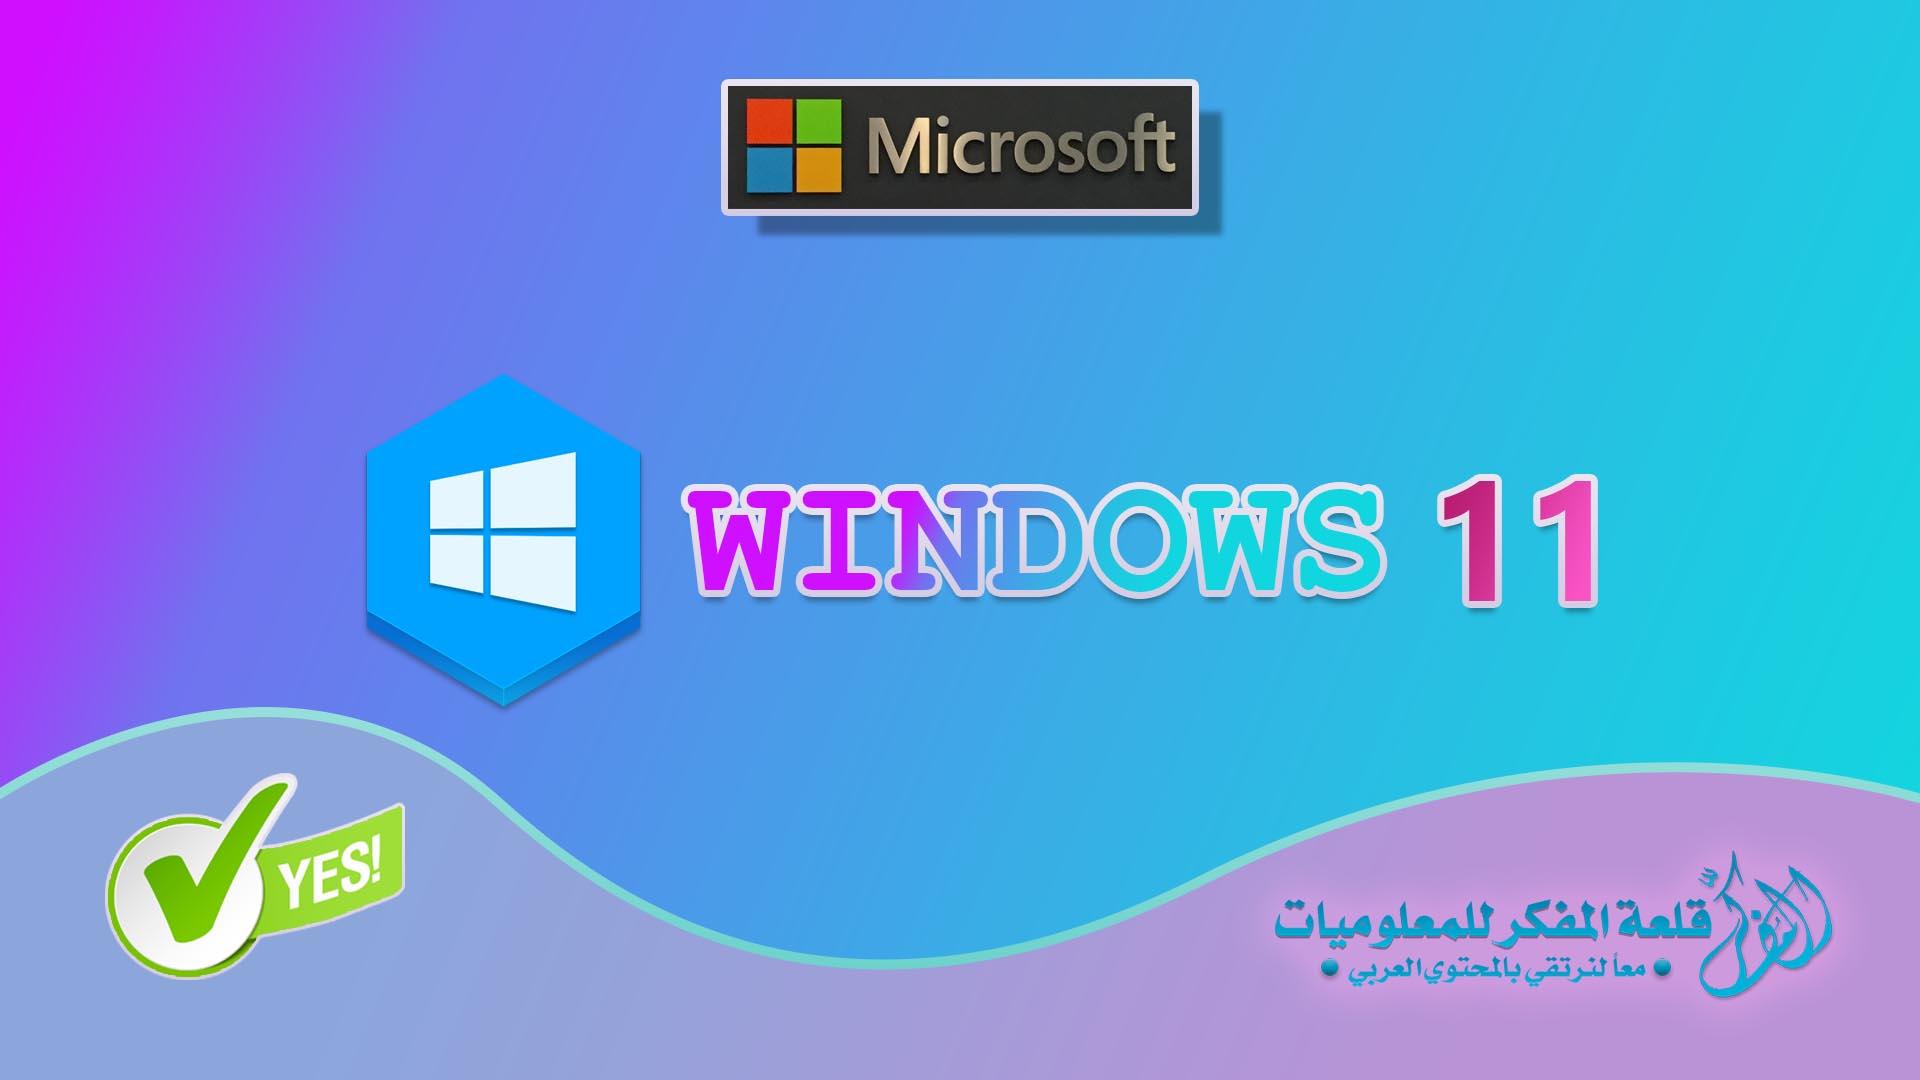 تحميل ويندوز 11 Windows IOS النسخة النهائية والرسمية مجانا 2023 ايزو الأصلية برابط مباشر